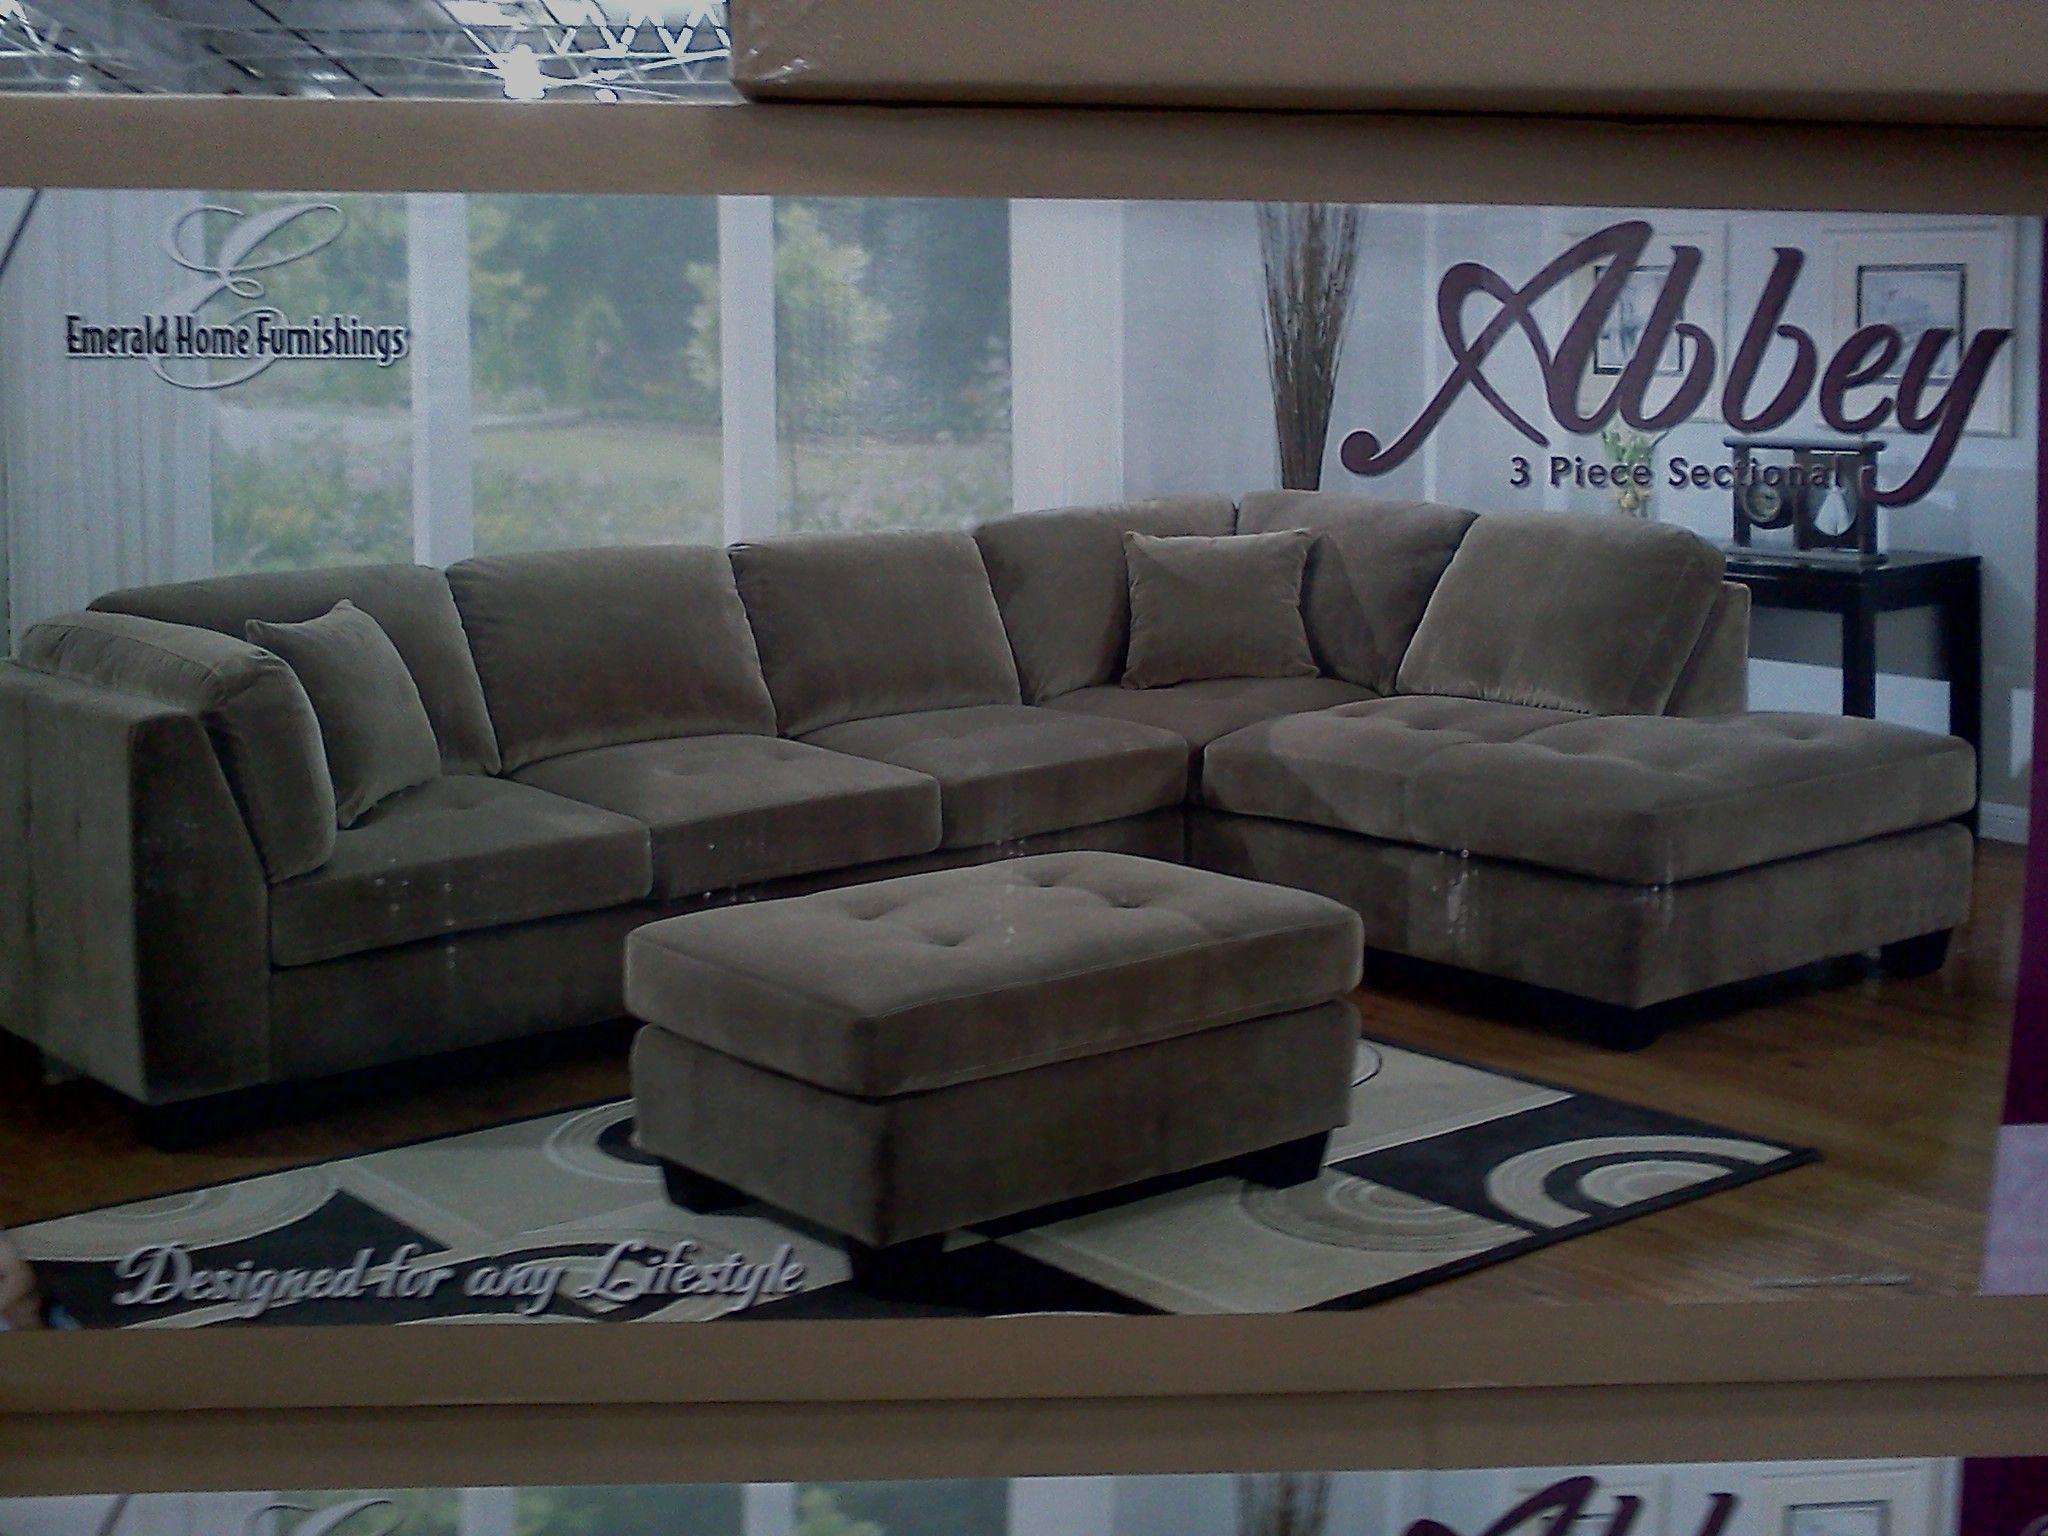 Broyhill Sofa The costco couch I love